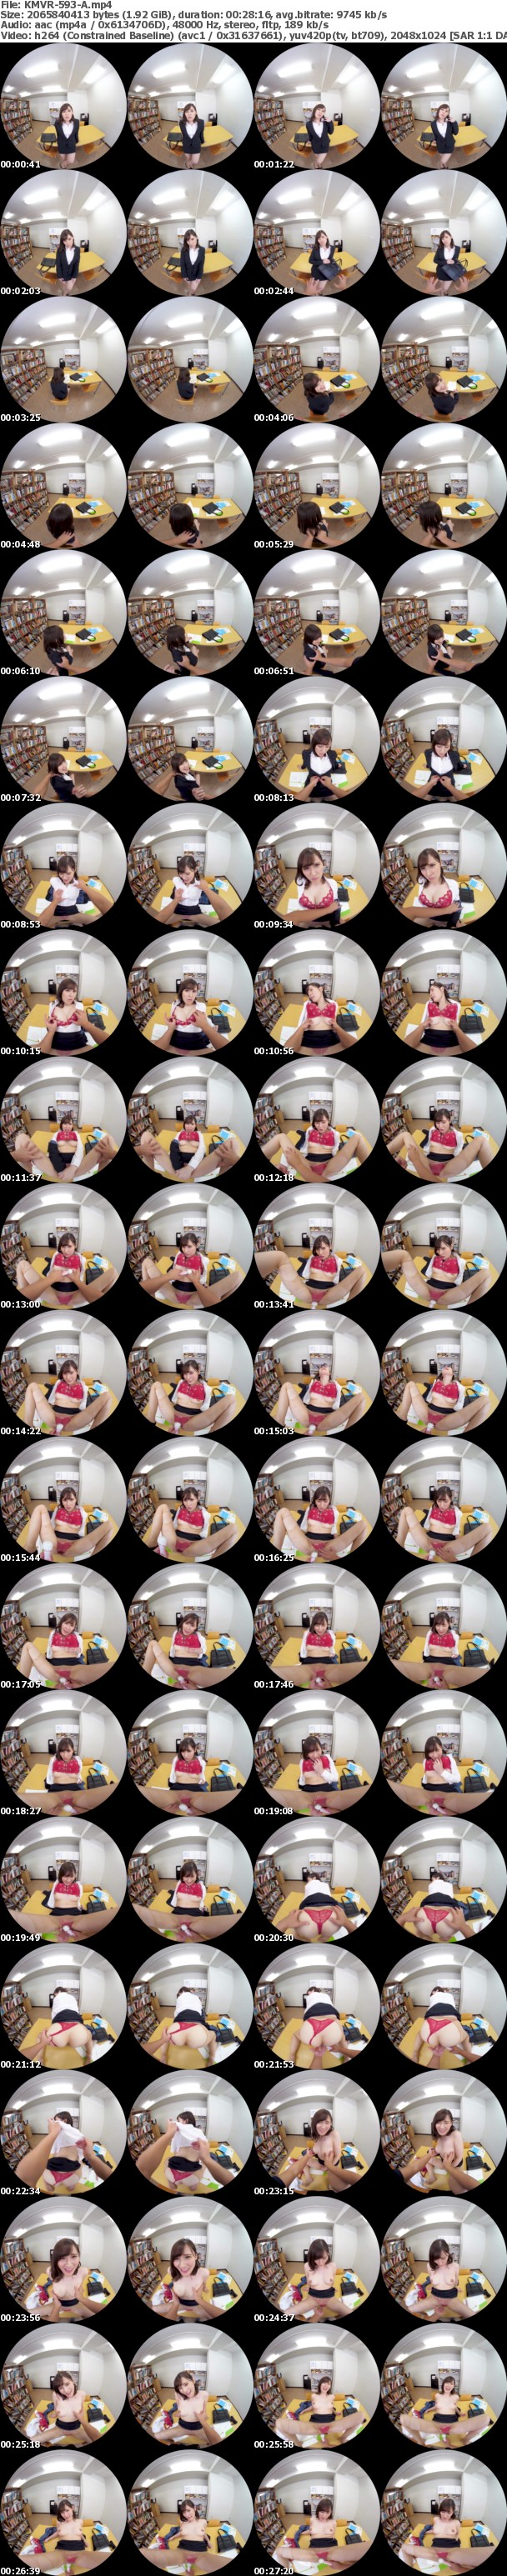 (VR) KMVR-593 快楽堕ち!!高嶺の花の美人OLに追撃ピストン!!イってもヤめない中出しSEX!! 皆瀬杏樹